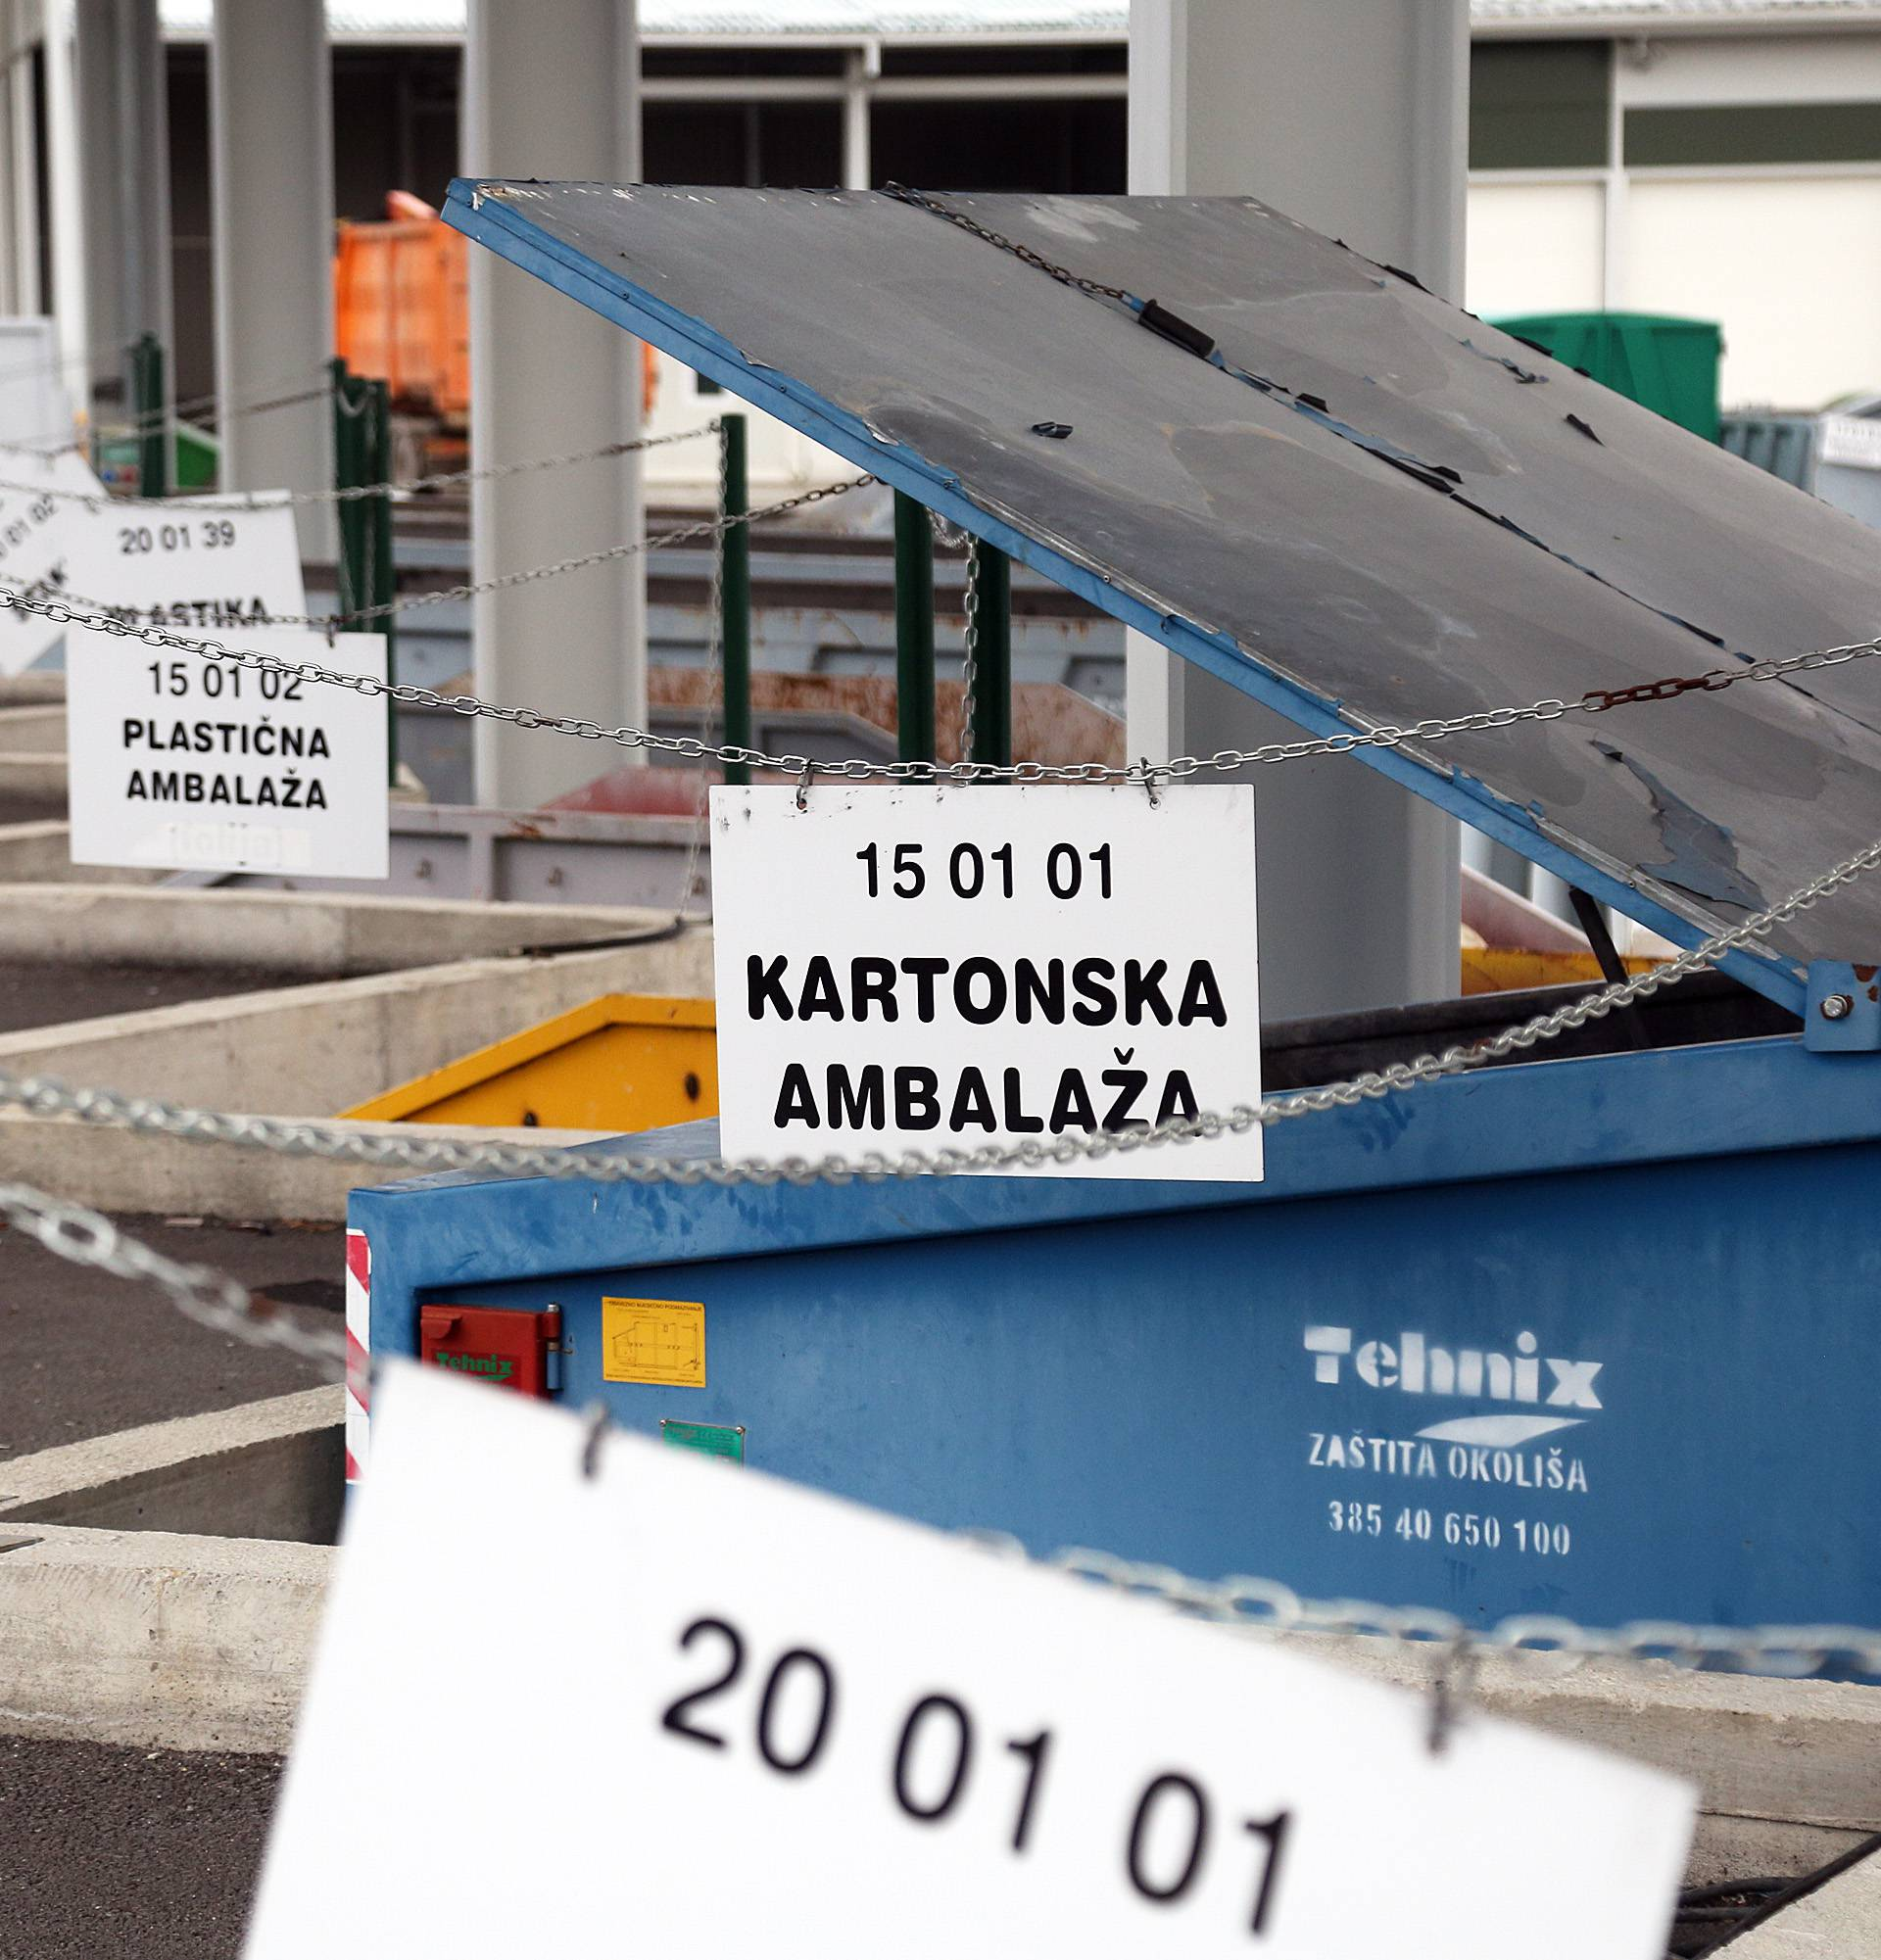 Izgubljeni u smeću: Odvajaju li uopće gradovi otpad i koliko?